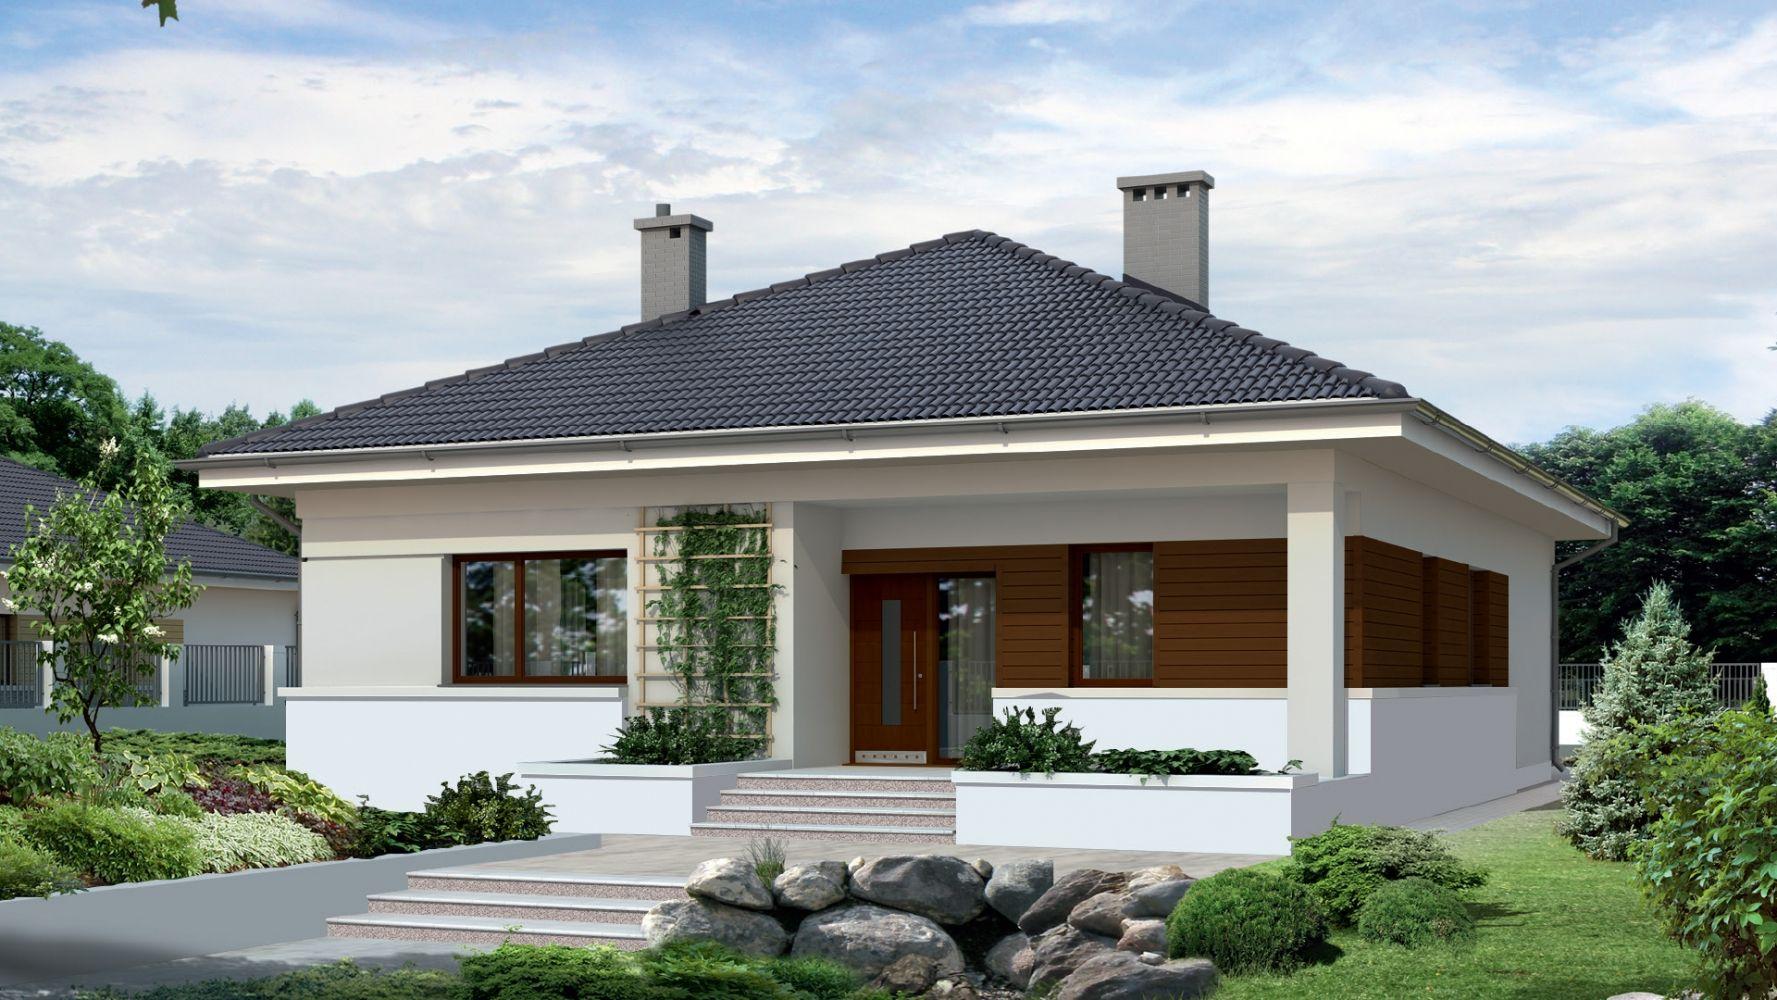 Kolory Elewacji Domu A Grafitowy Dach 5 Oryginalnych Pomyslow